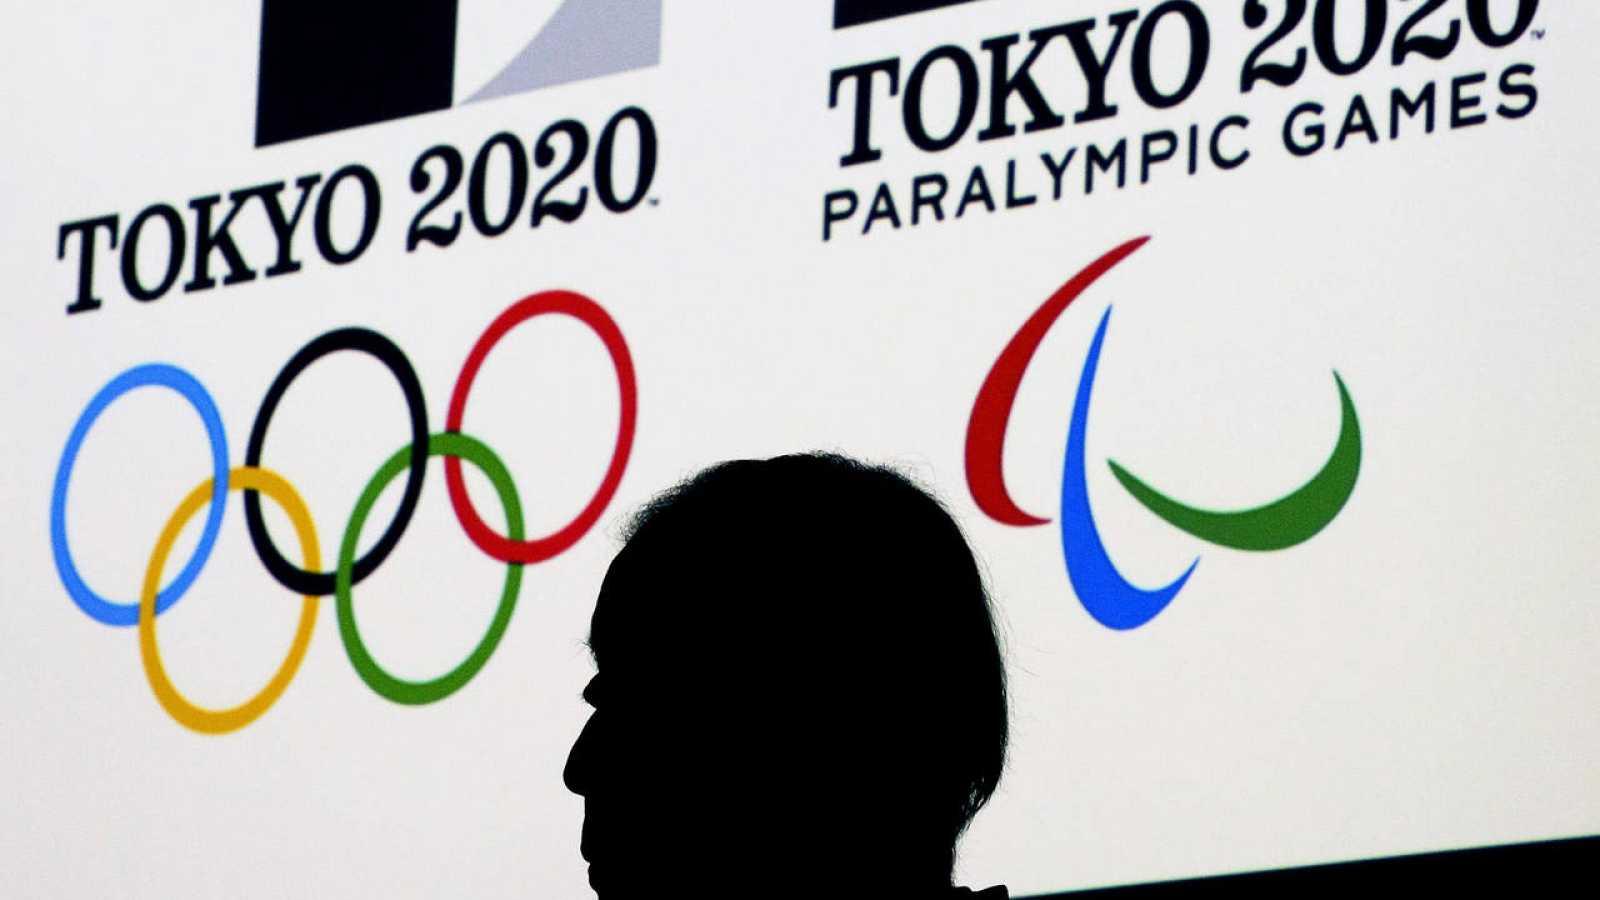 La elección de Tokio 2020 está siendo investigada en Francia